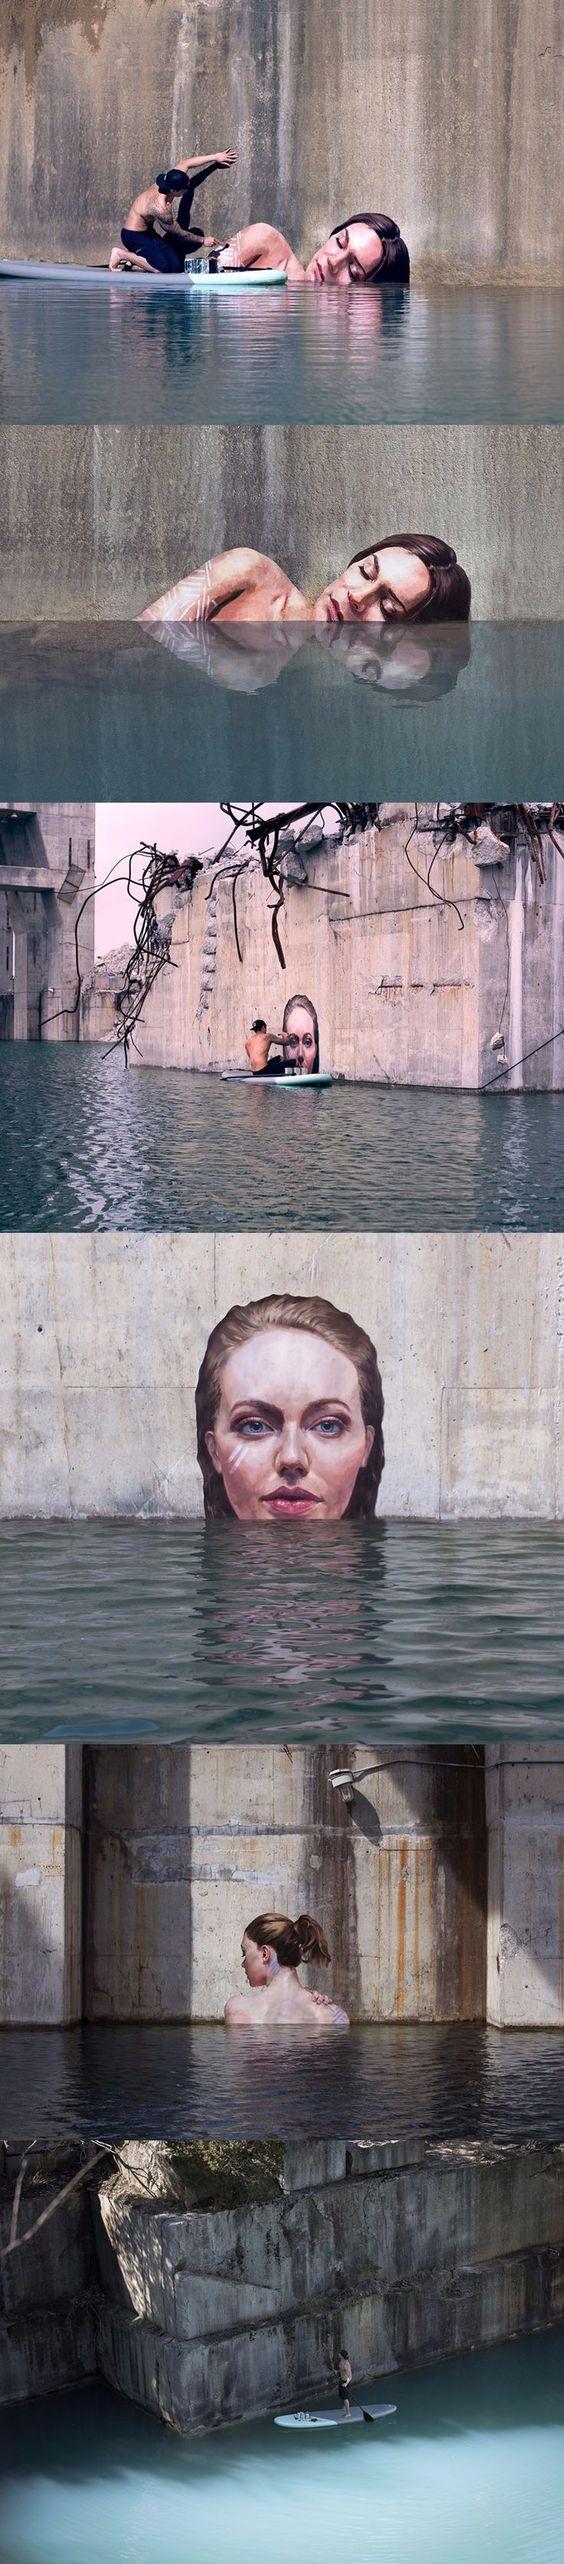 graffitinero33.jpg: